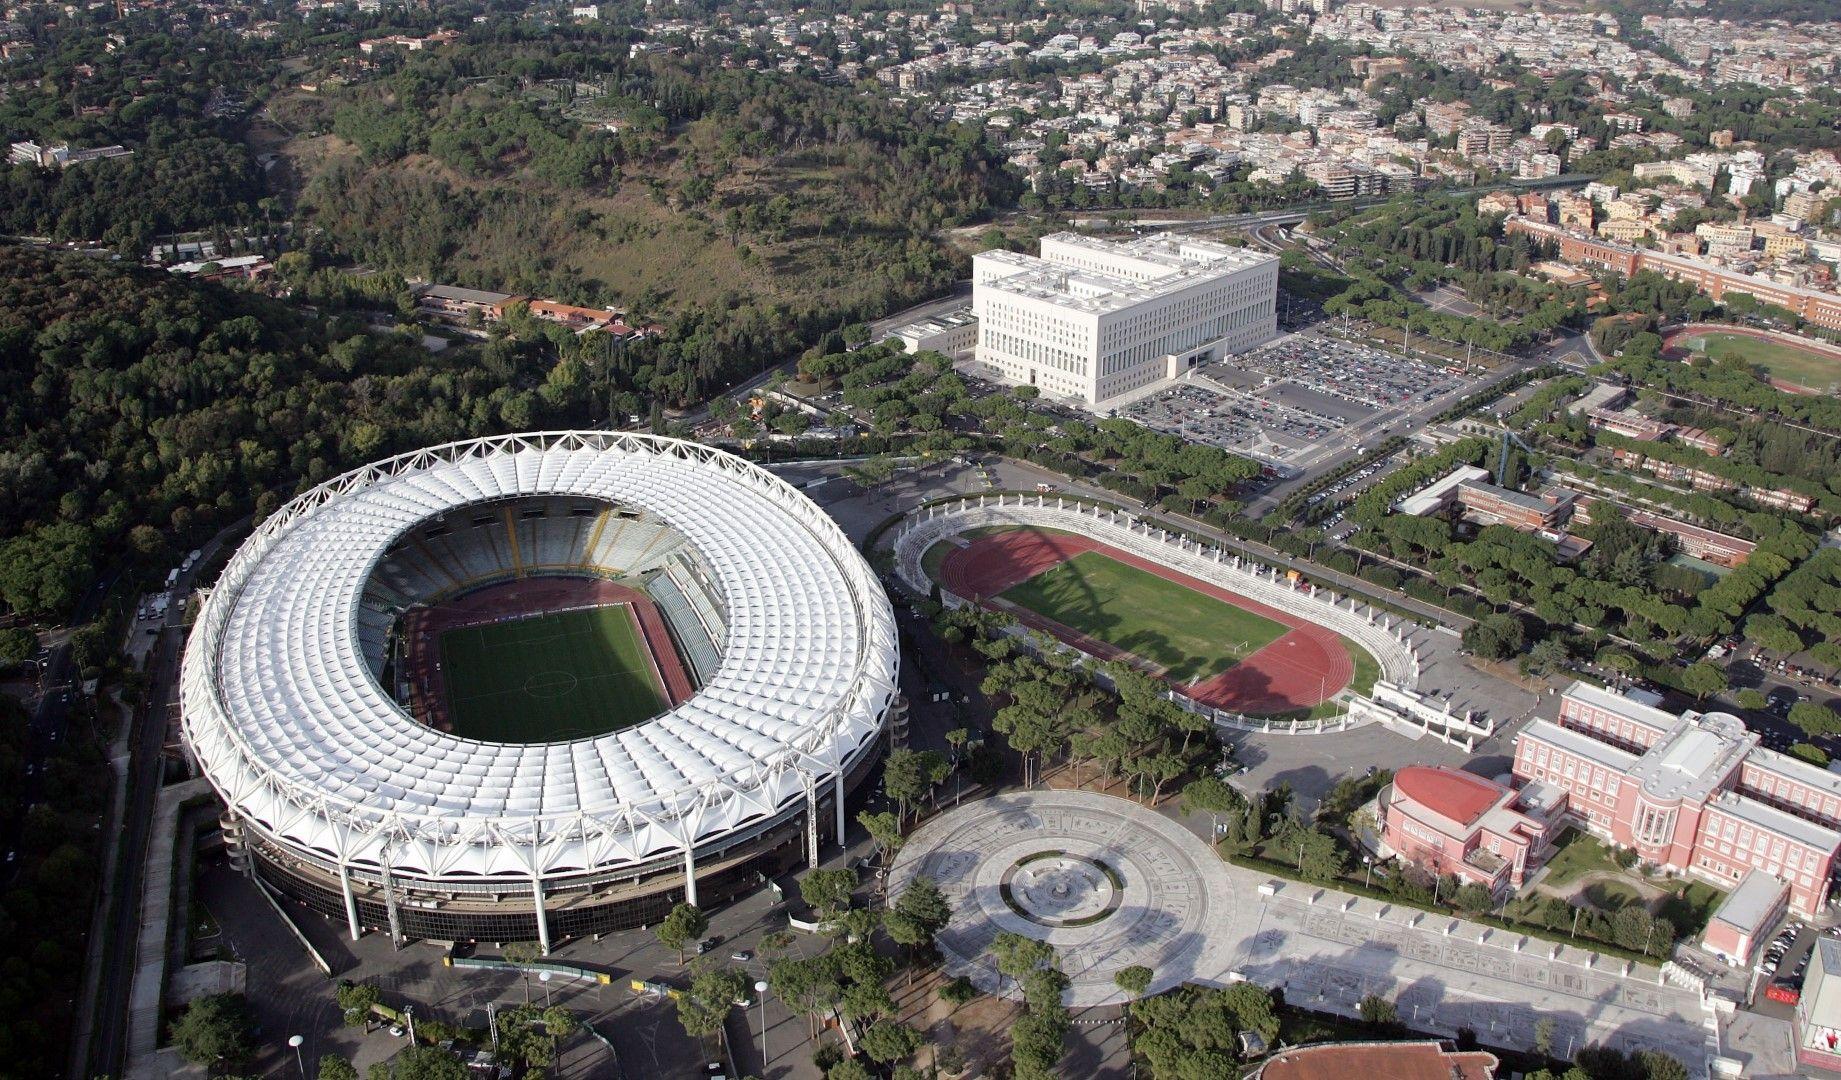 """""""Стадио Олимпико"""" е арената на мача на откриването, а още два двубоя от група А, както и четвъртфинал на 4 юли допълват програмата на тази арена. Тя е видяла всичко - Олимпиада (1960), четири финала на Купата на шампионите, финал на Европейско (1968) и Световно първенство (1990)."""